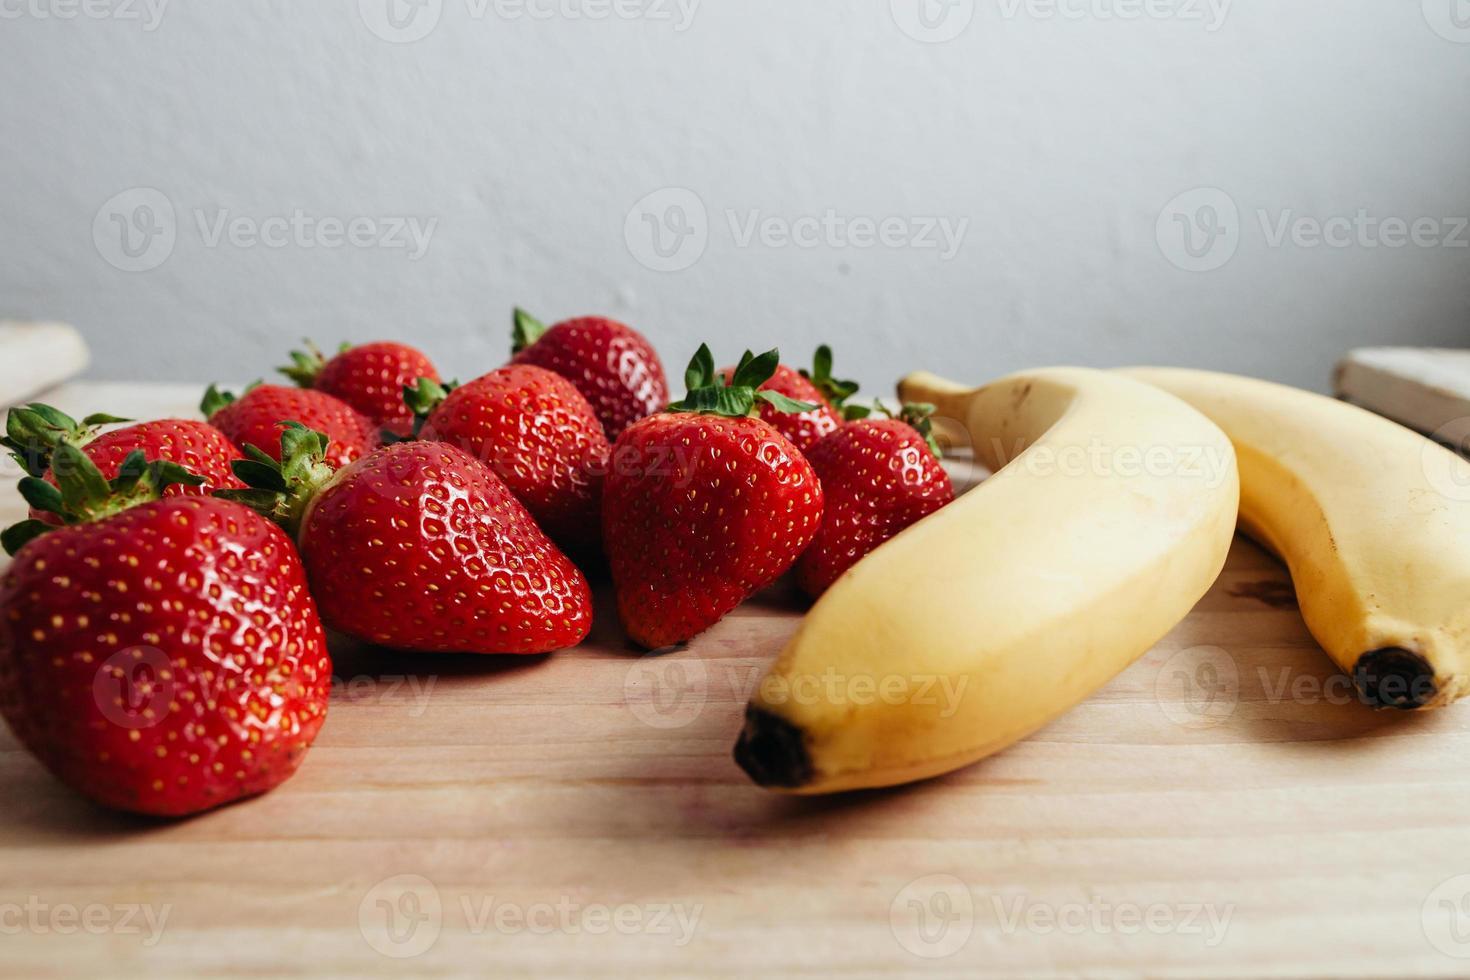 jordgubbar bananfrukter på träbord foto